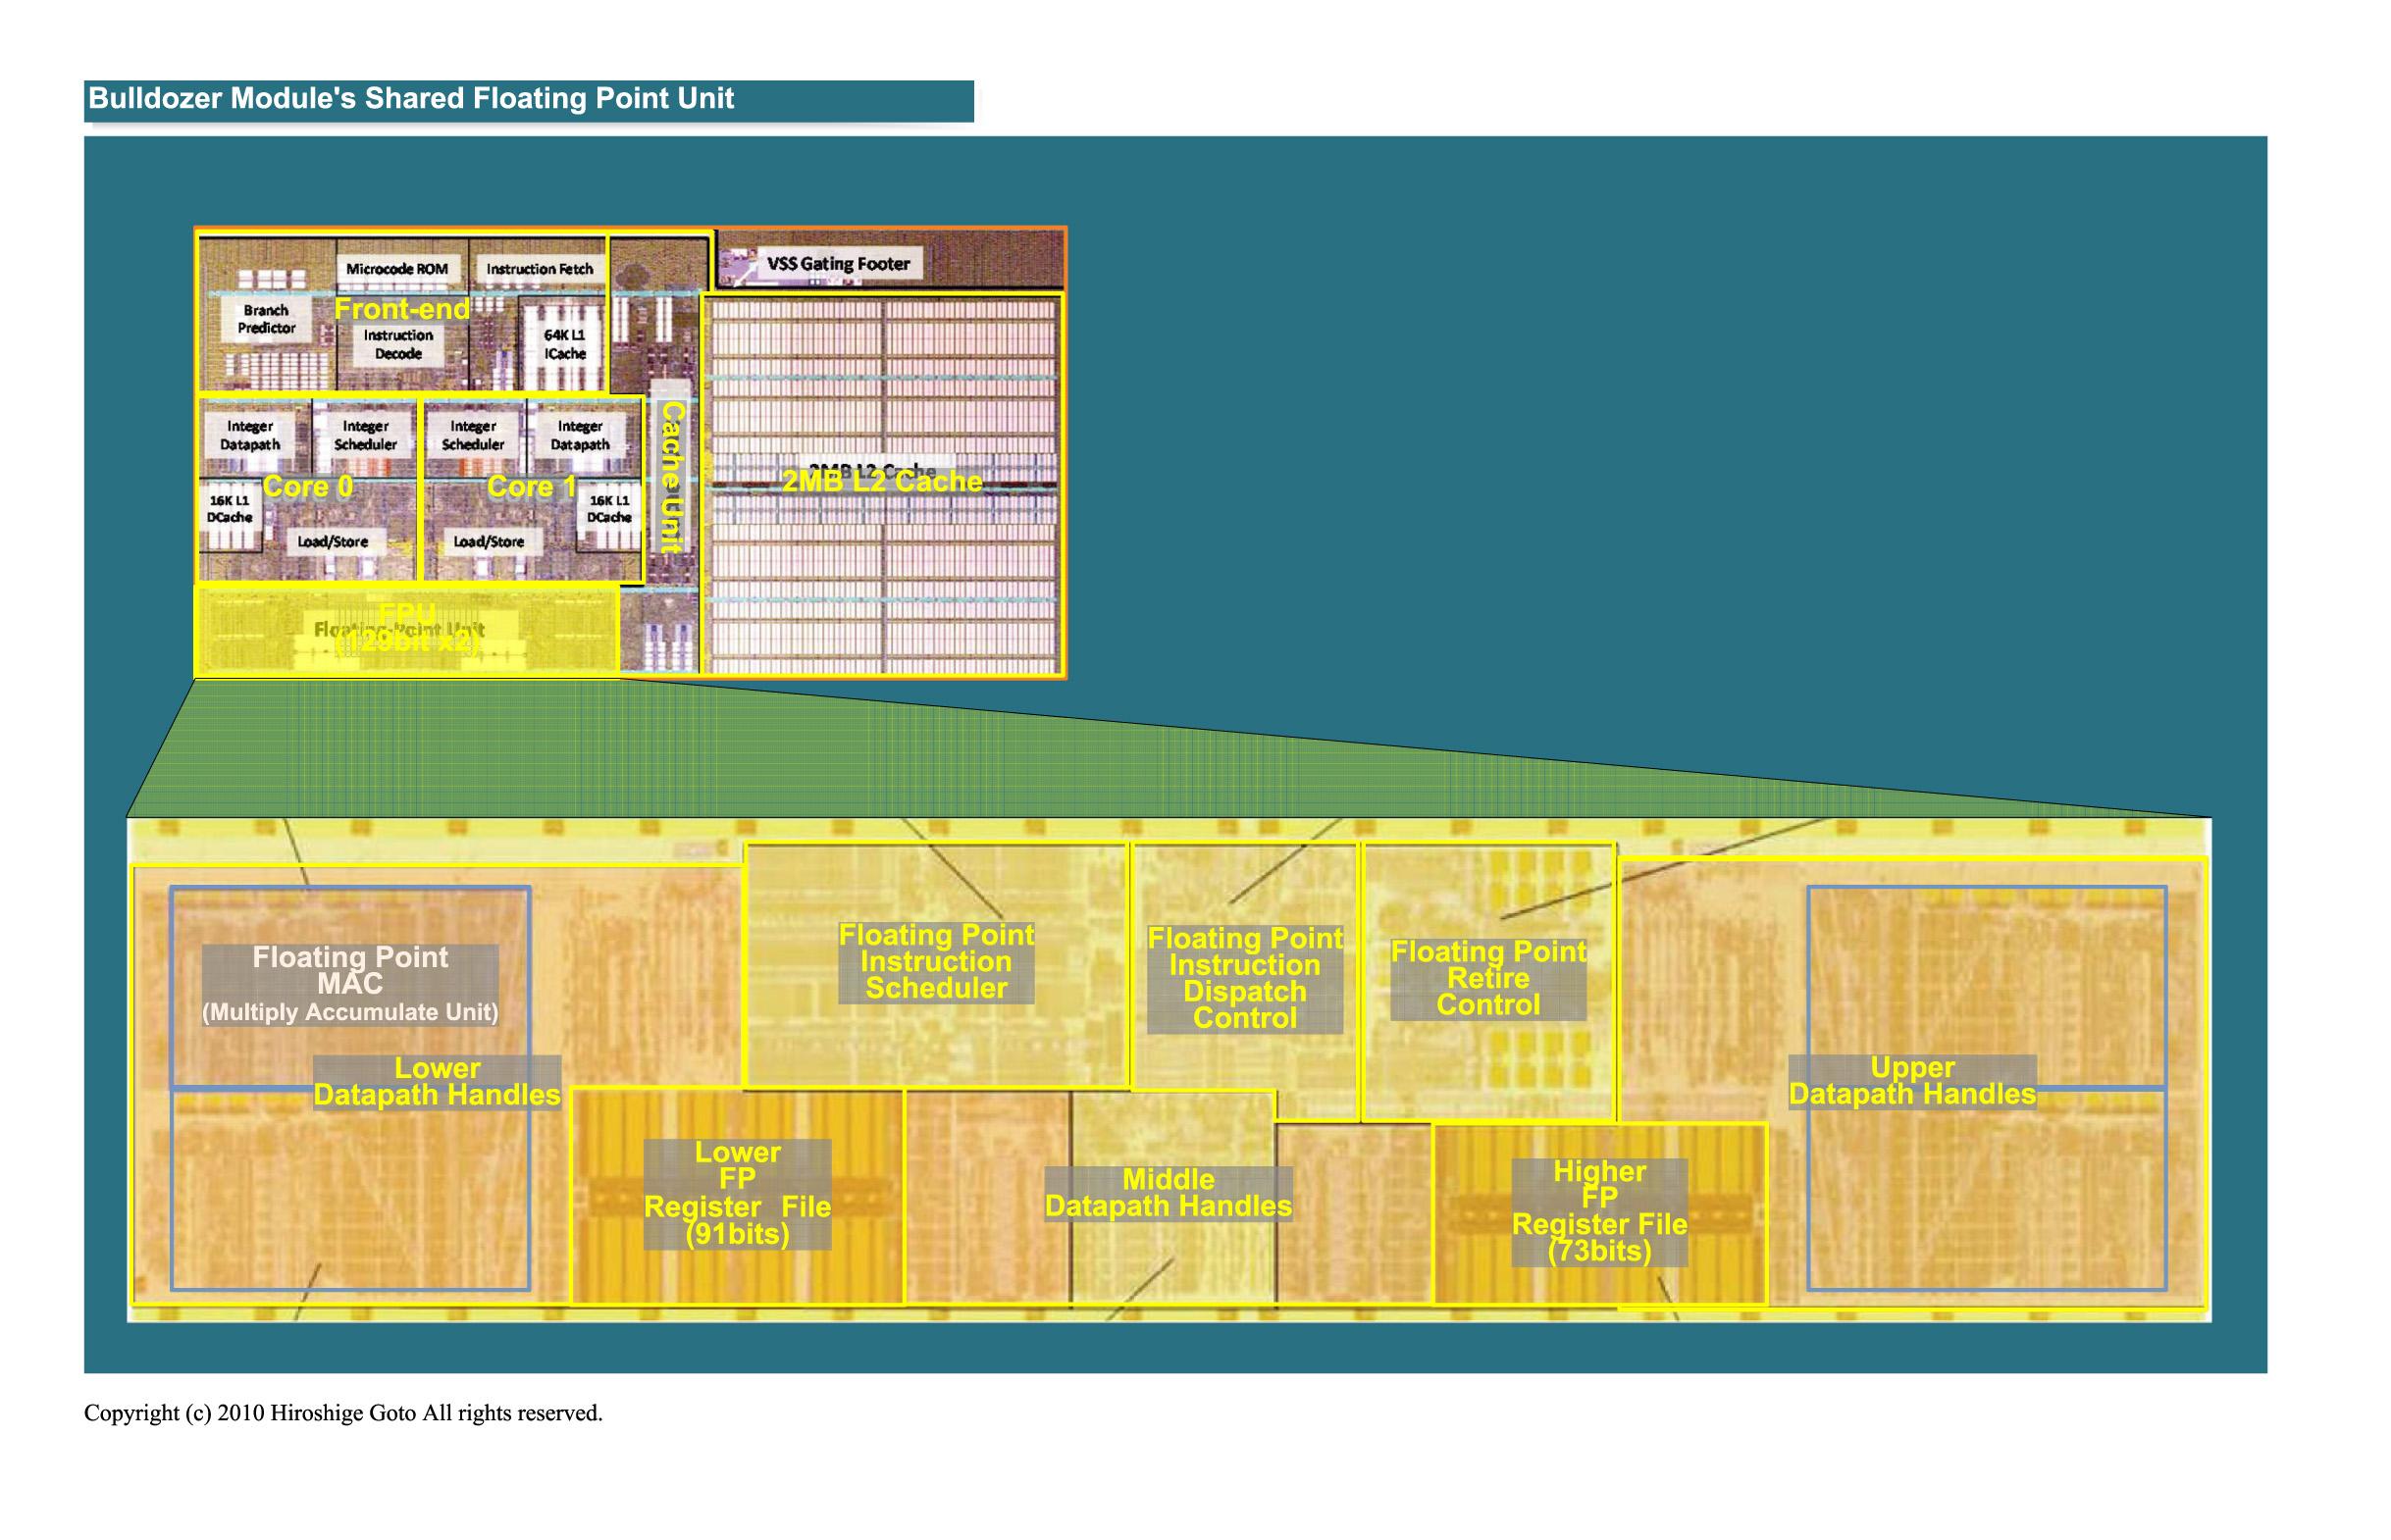 am2s-2405 схема включения